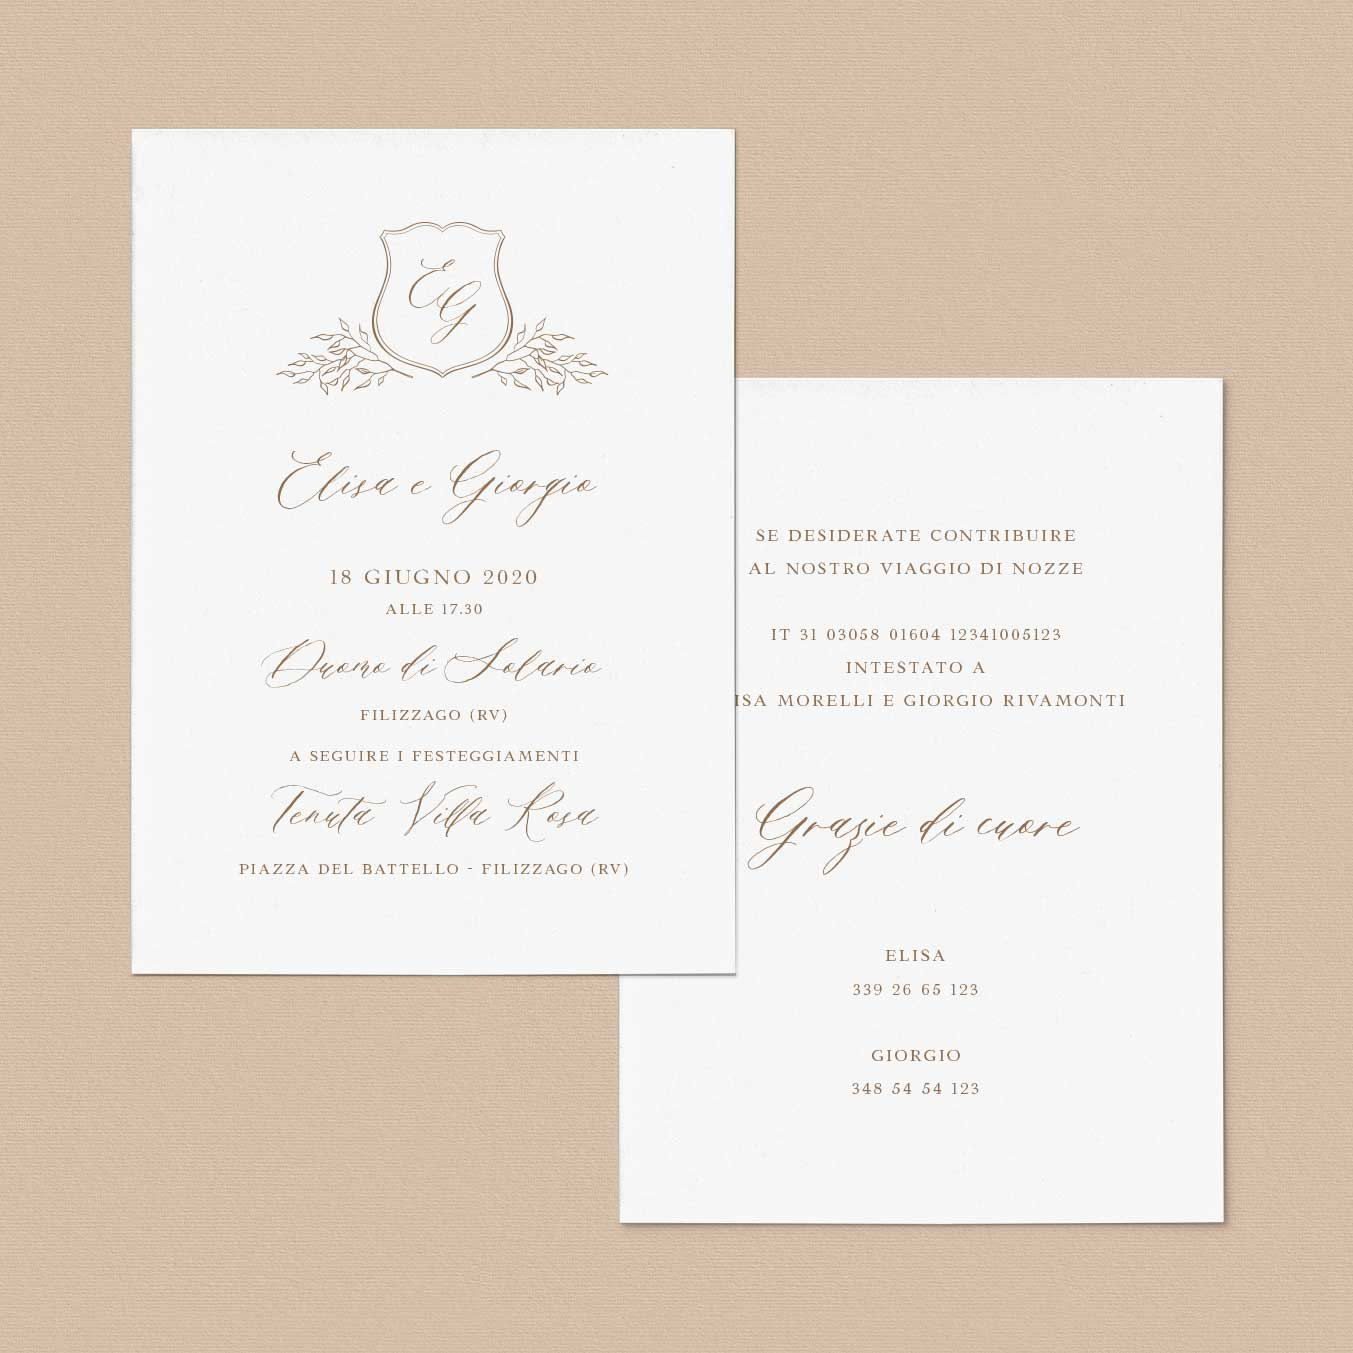 Invito-matrimonio-stemma-rustico-vintage-personalizzato-partecipazioni-nozze-2020-su-misura-particolare-elegante